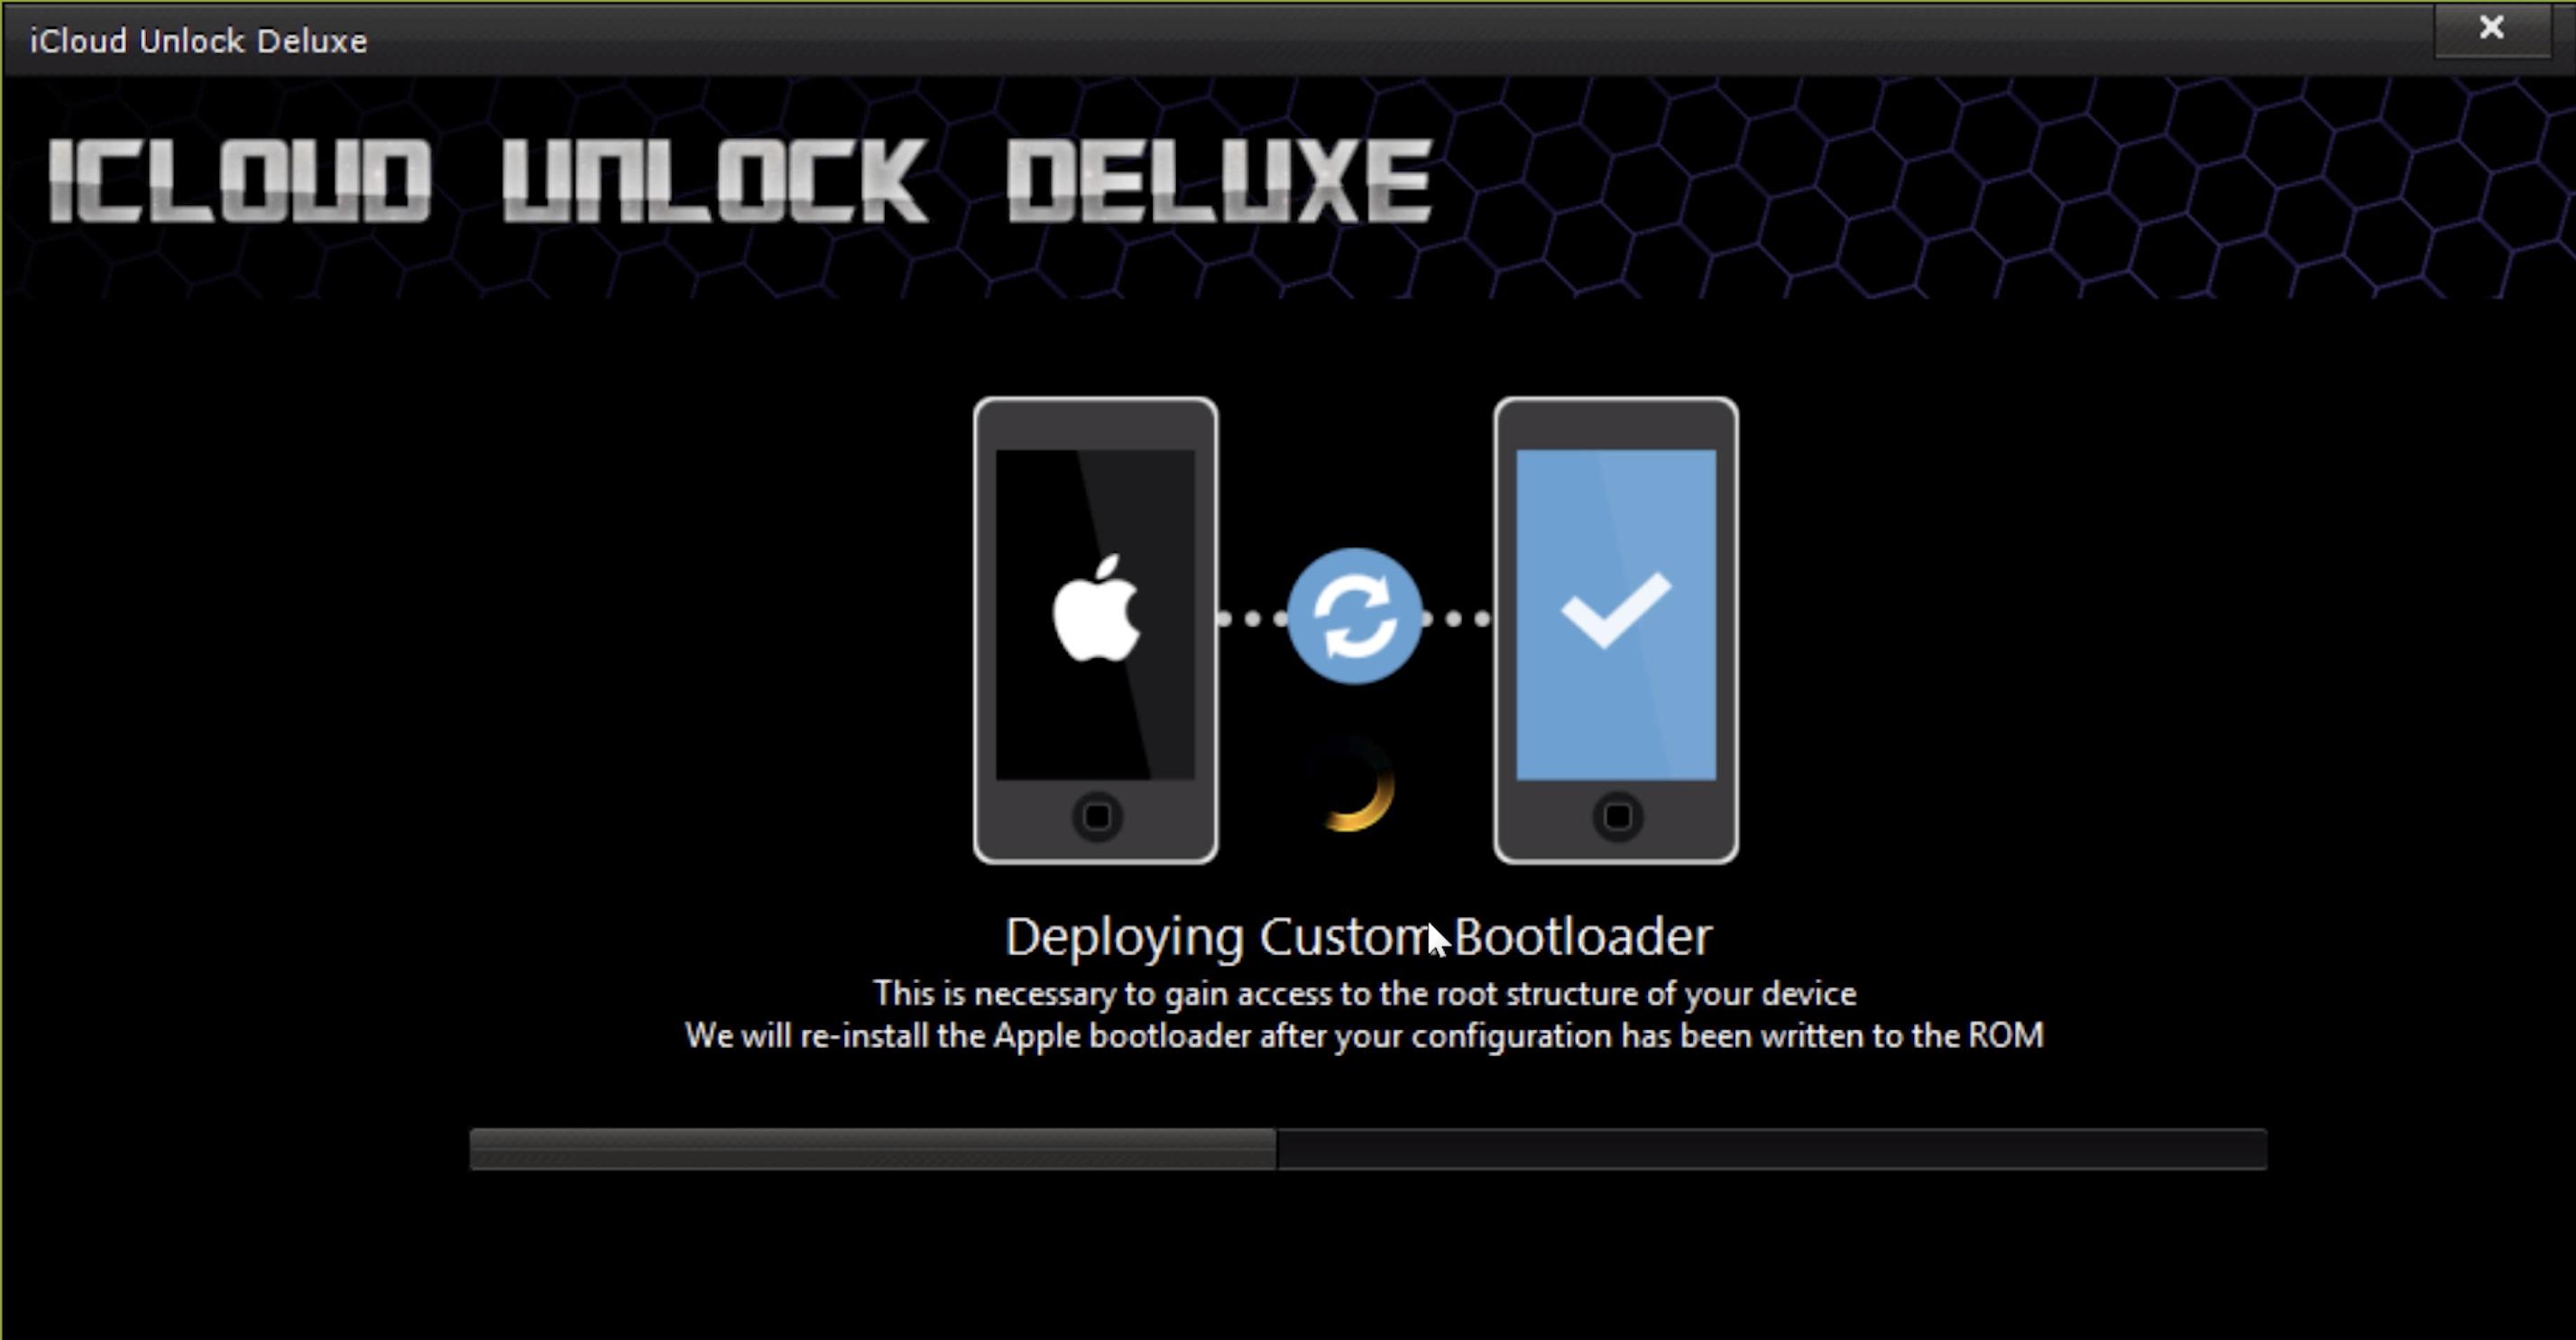 iCloud Unlock Deluxe Bootloader